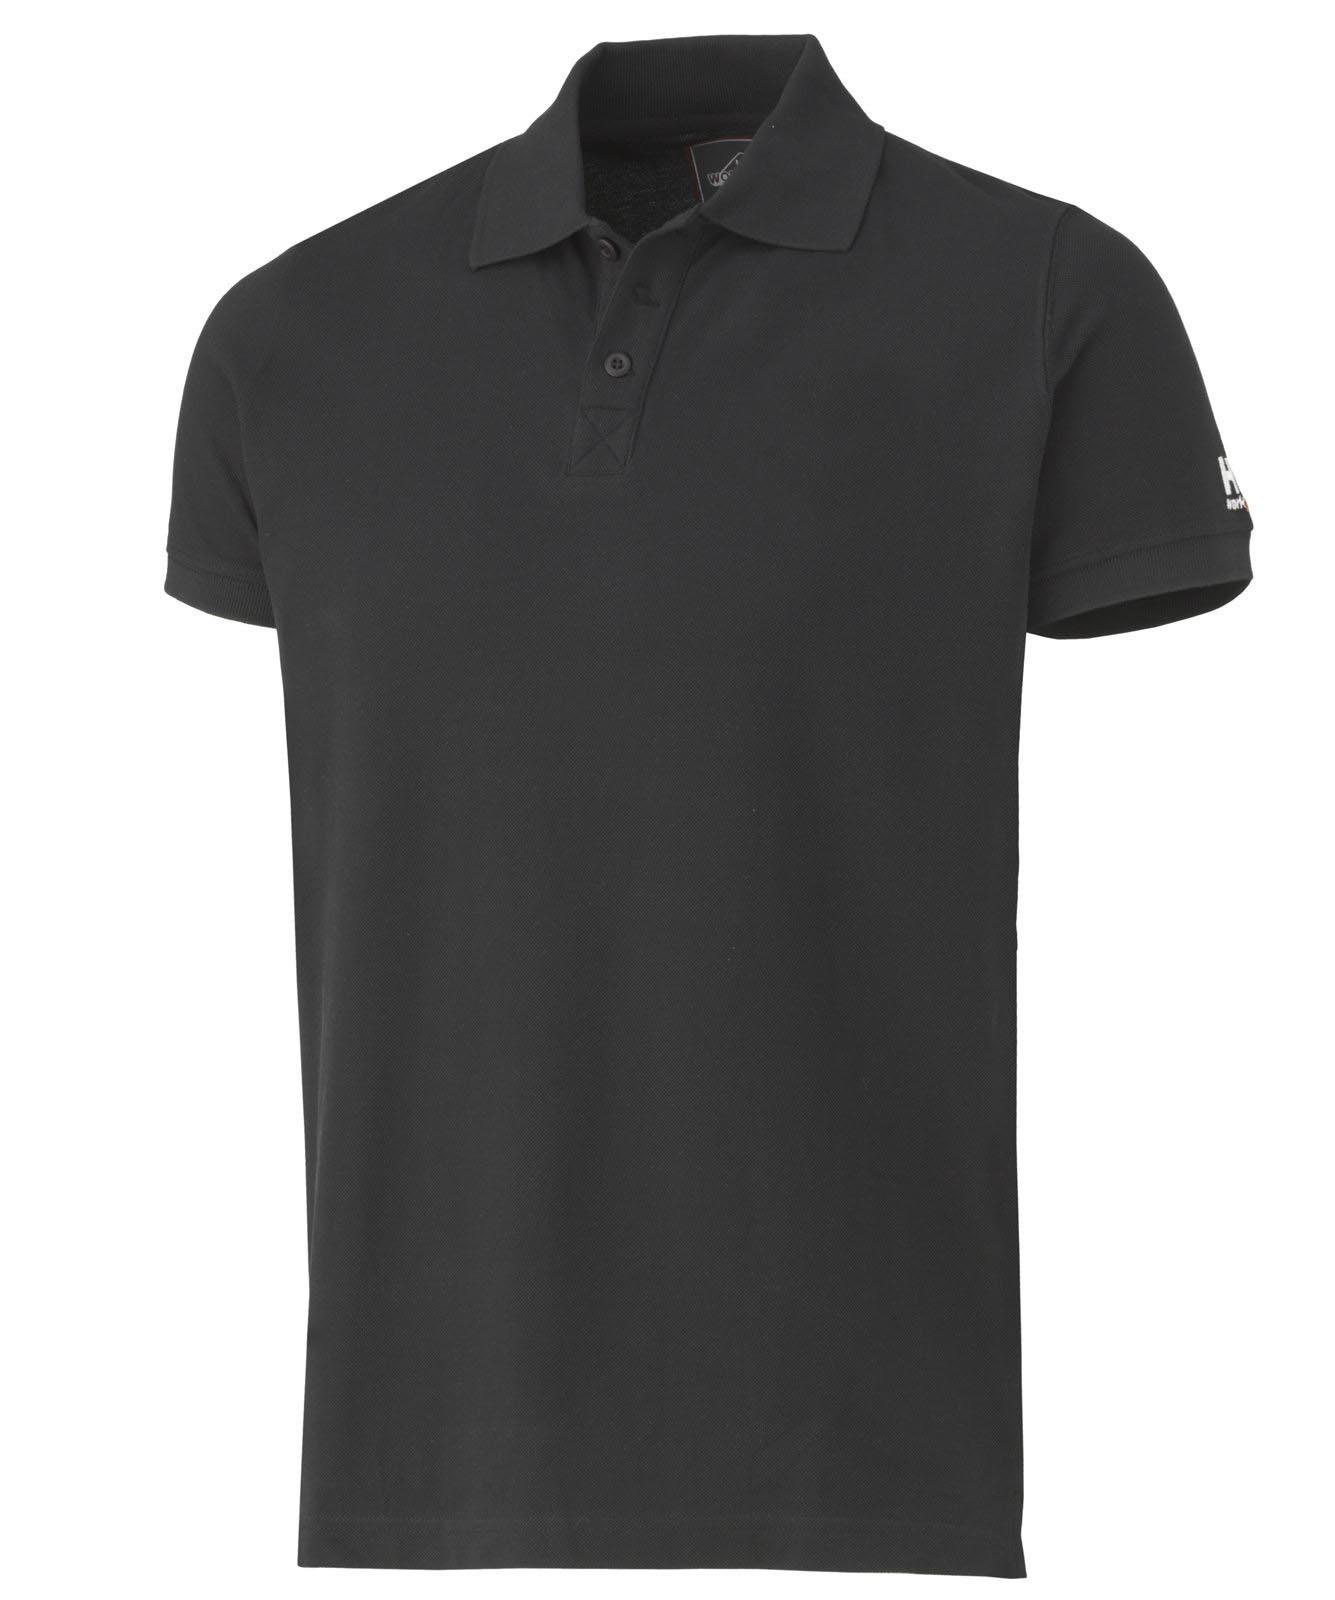 Футболка Helly Hansen Salford Pique - 79182 (Black; M)